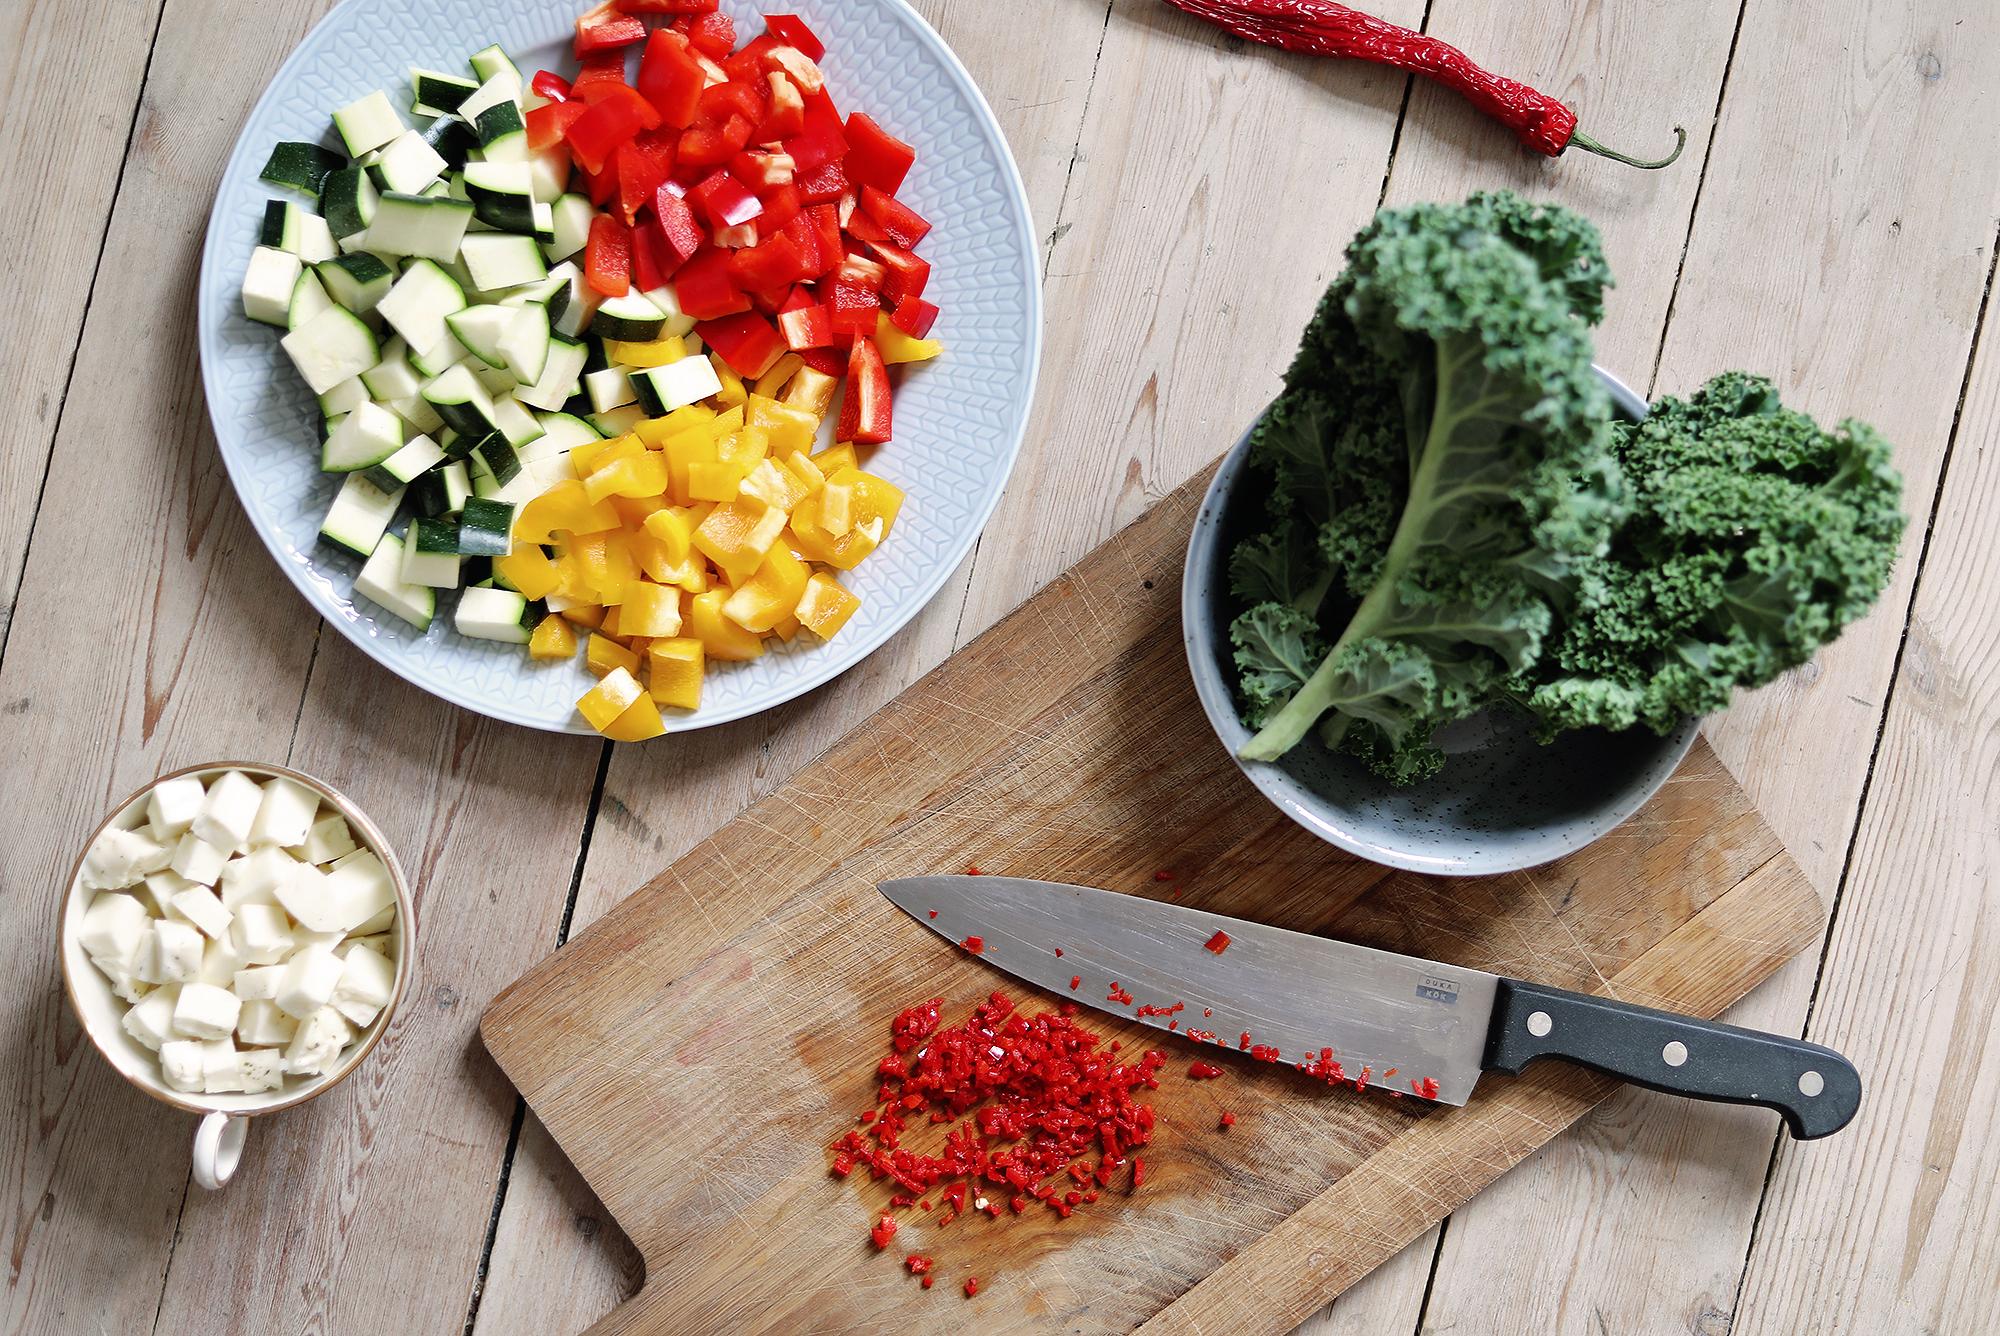 vegetariskt recept vegetariska middagsklubben pytt i panna tips middagstips enkelt chili grönkål paprika